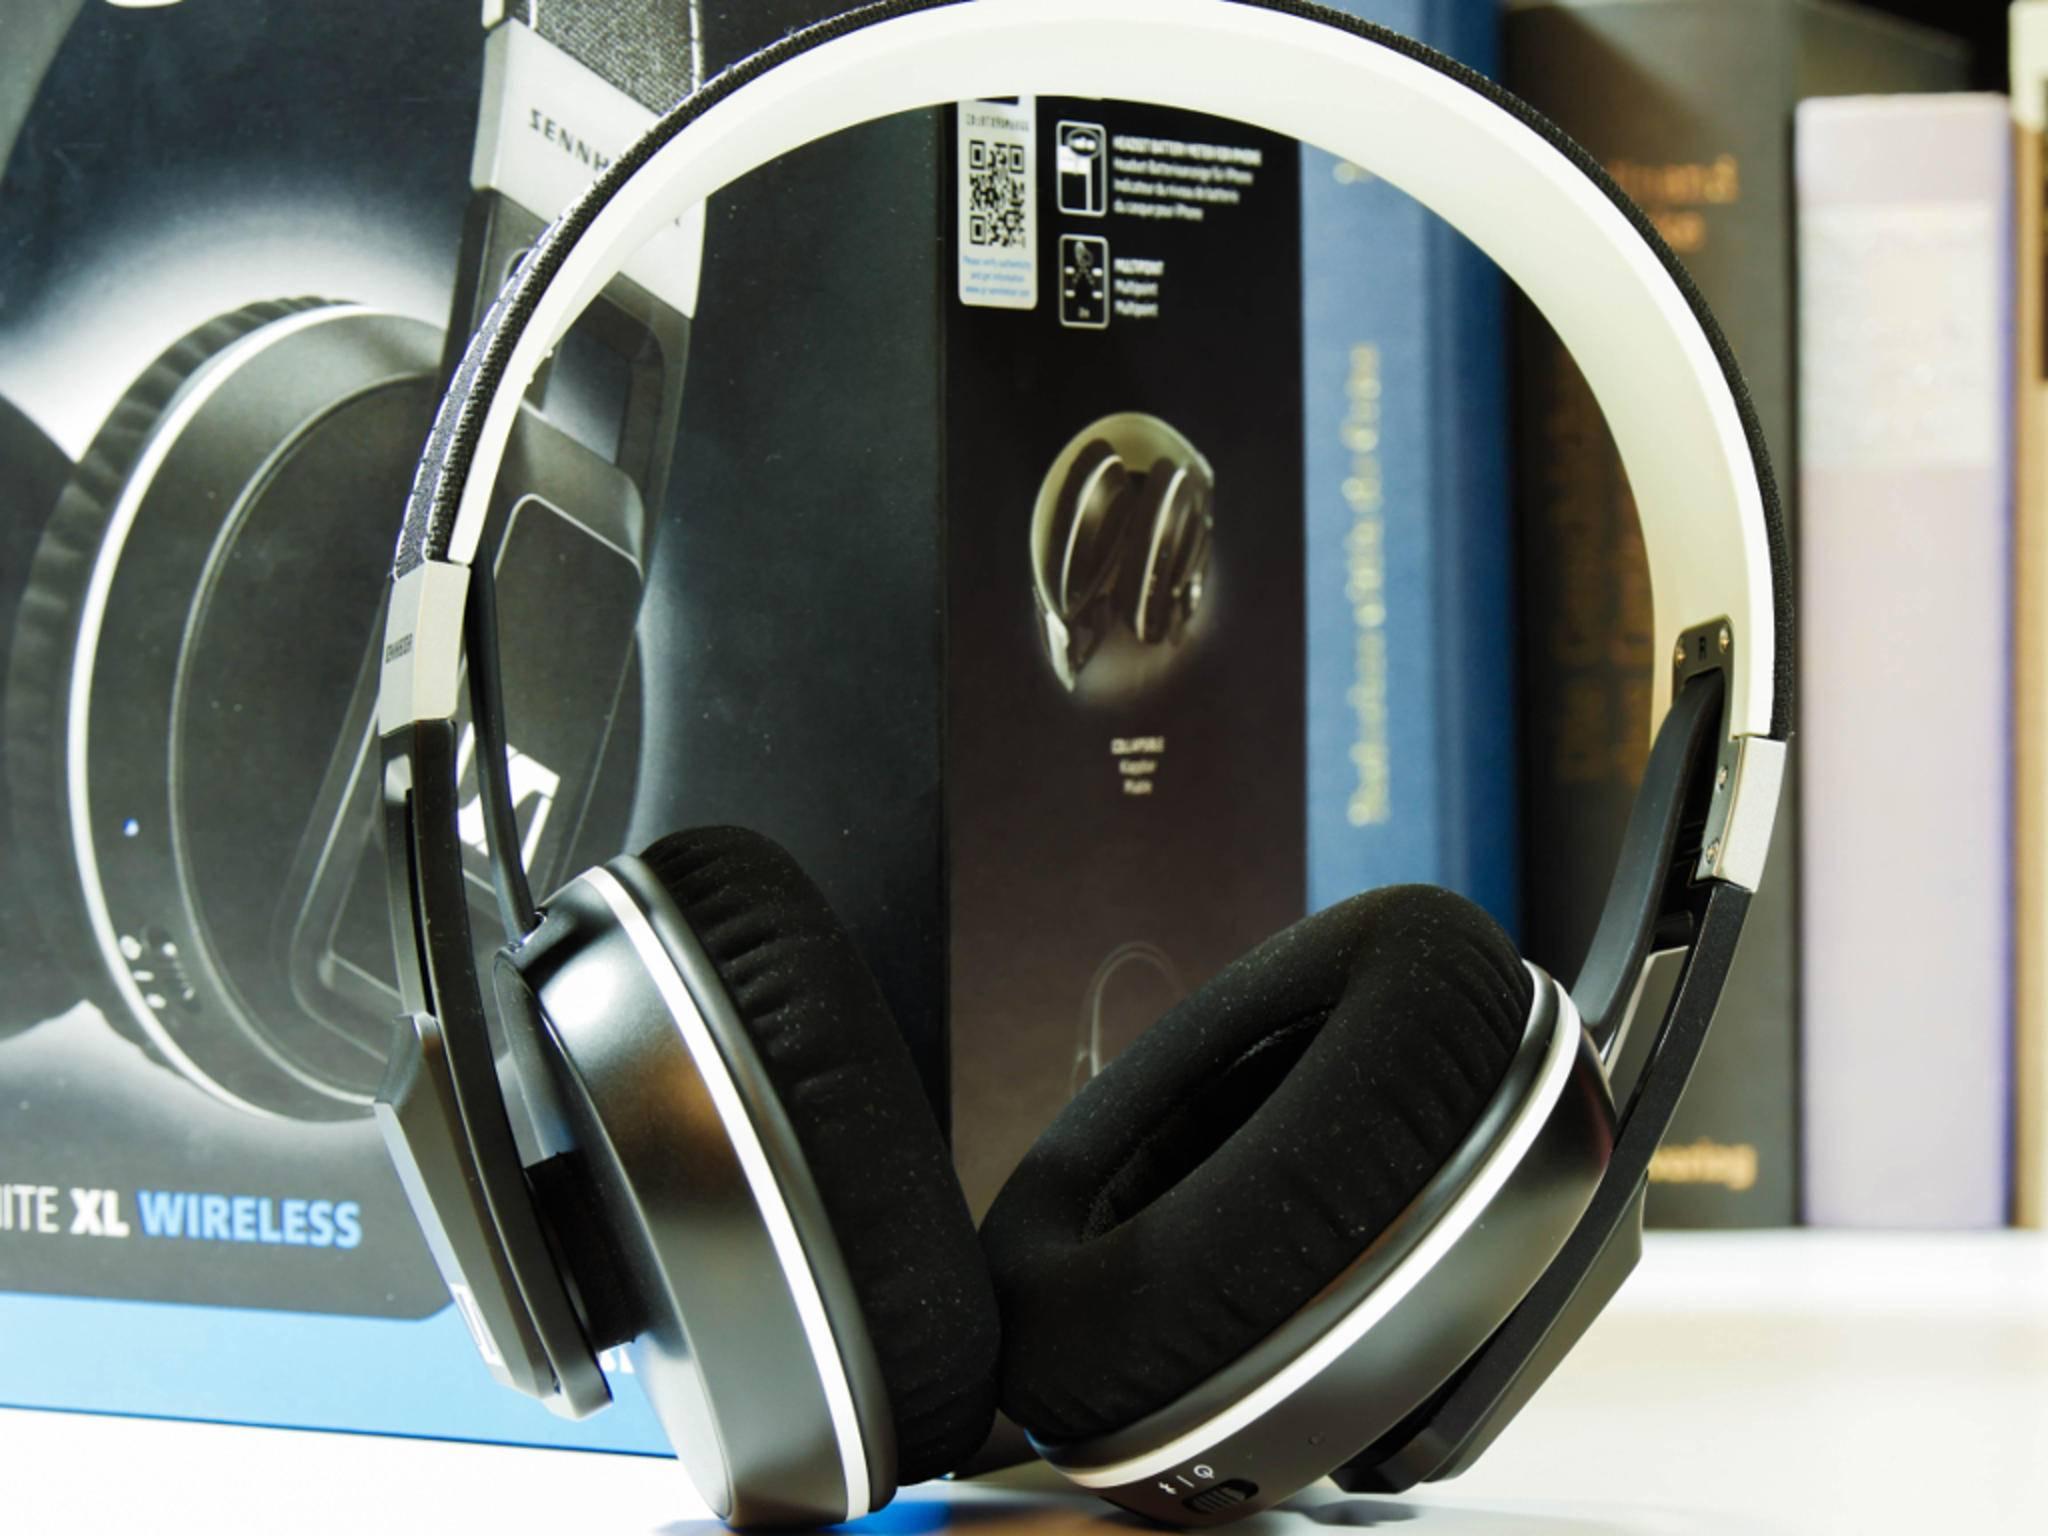 Der Sennheiser Urbanite XL Wireless hat ein stylisches Äußeres.